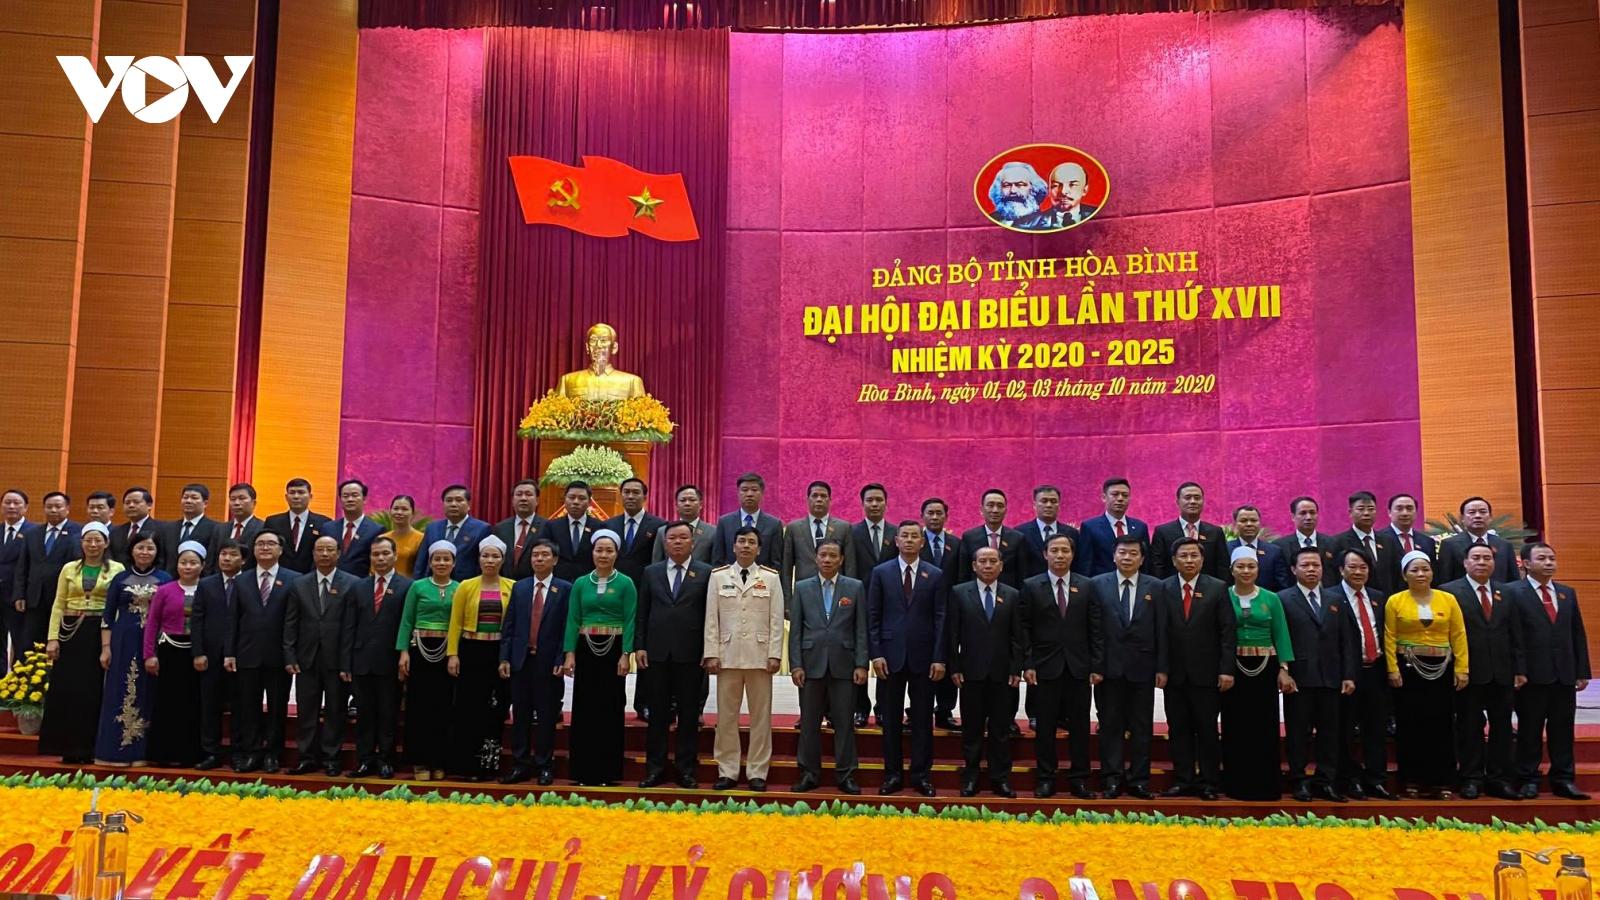 Hòa Bình xác định 11 nhiệm vụ trọng tâm trong nhiệm kỳ mới